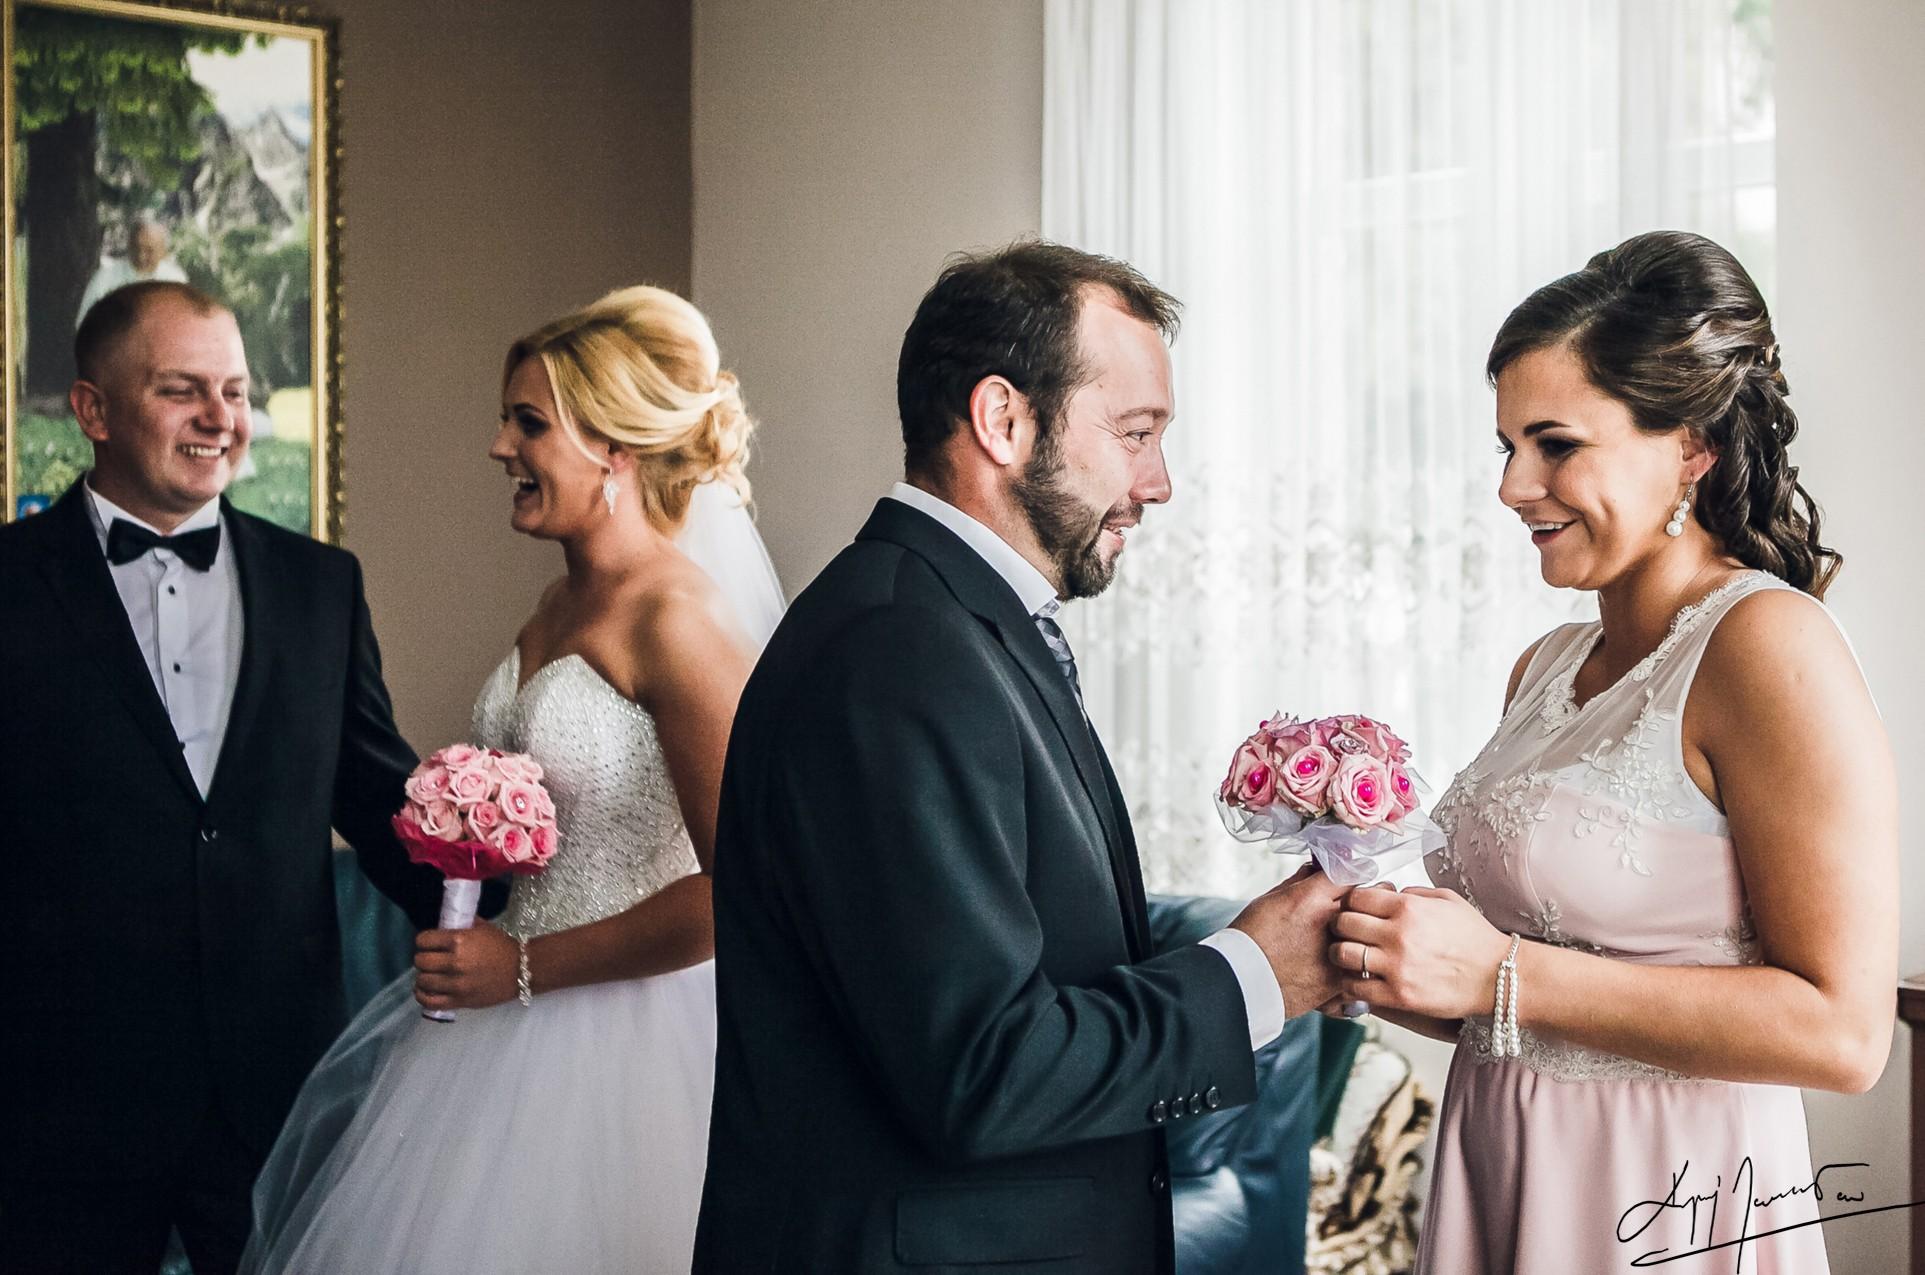 fotograf bytów 16 Kamila & Marcin